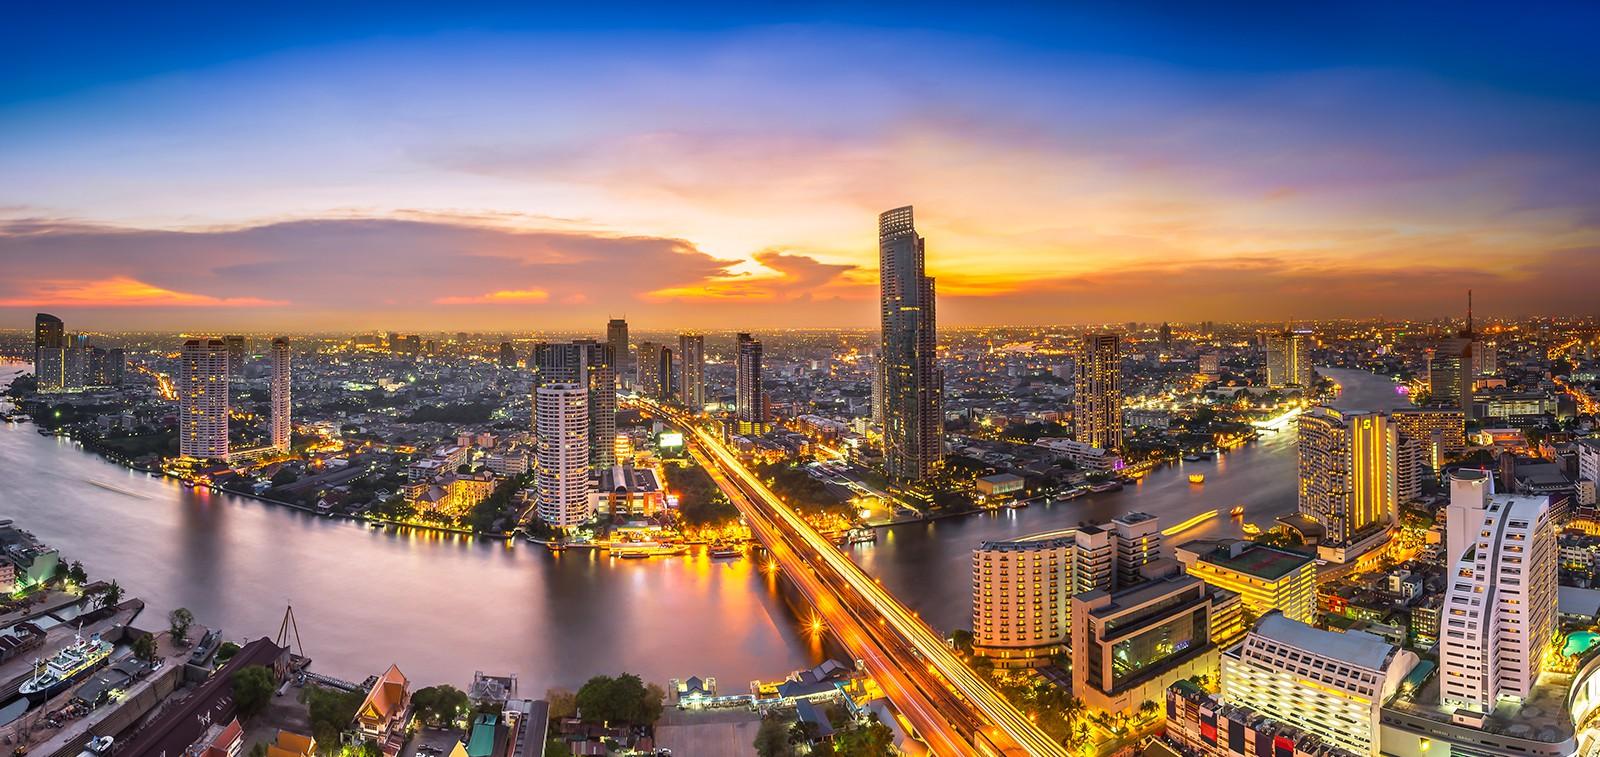 رحلات القاهره بانكوك